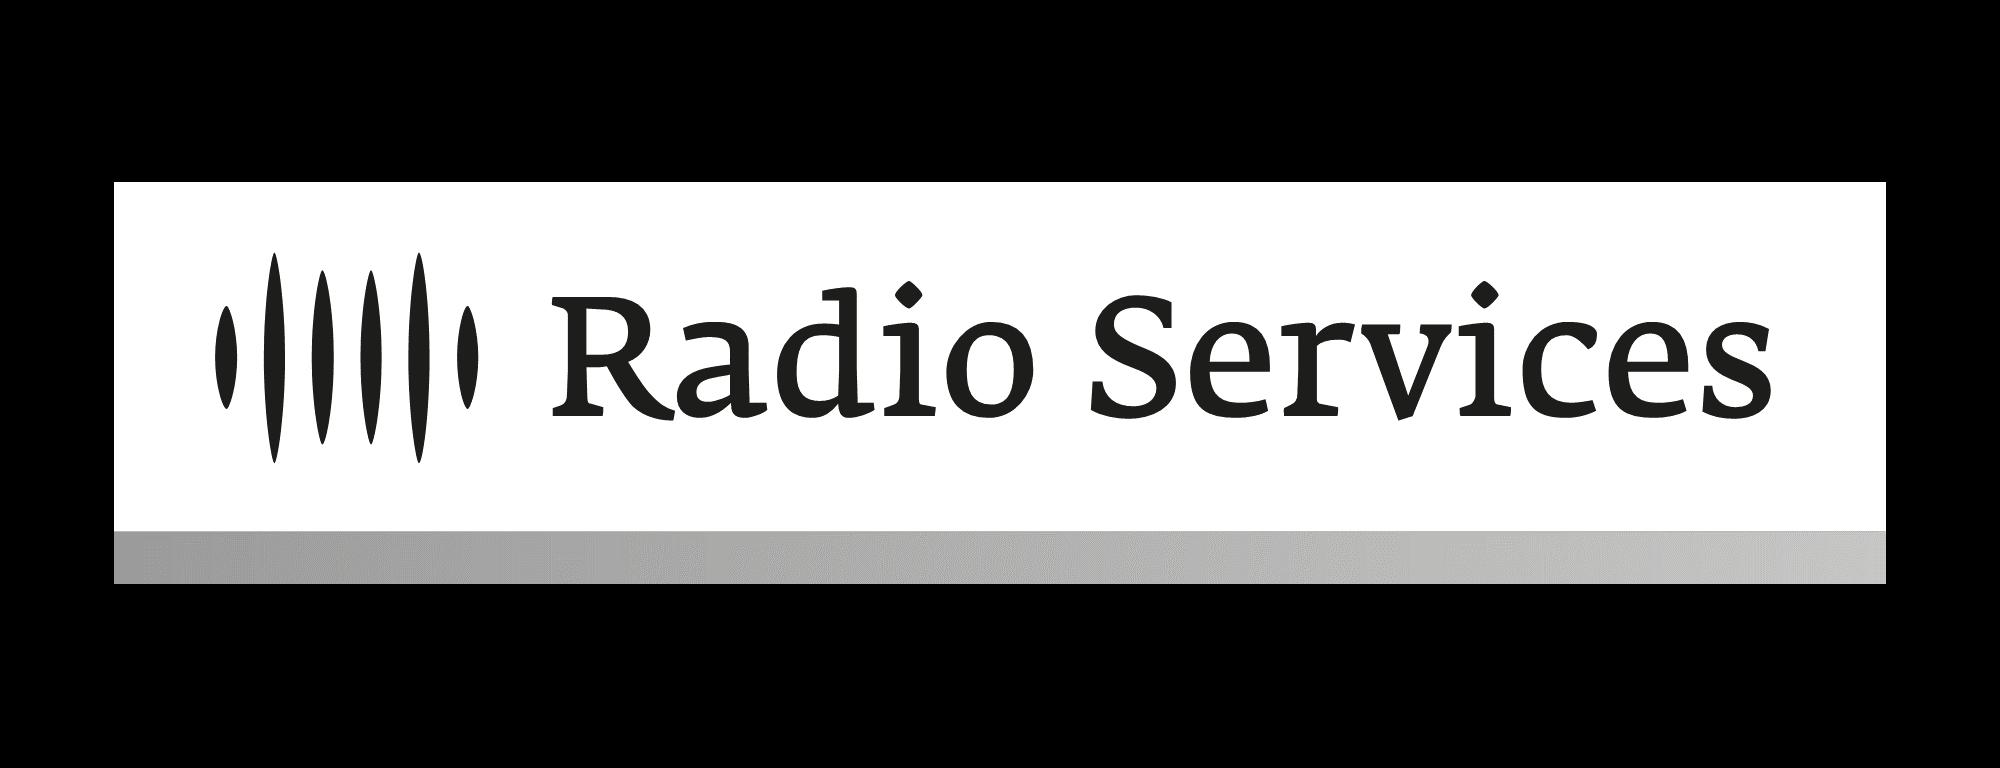 klient-wooacademy-radio-services-logo